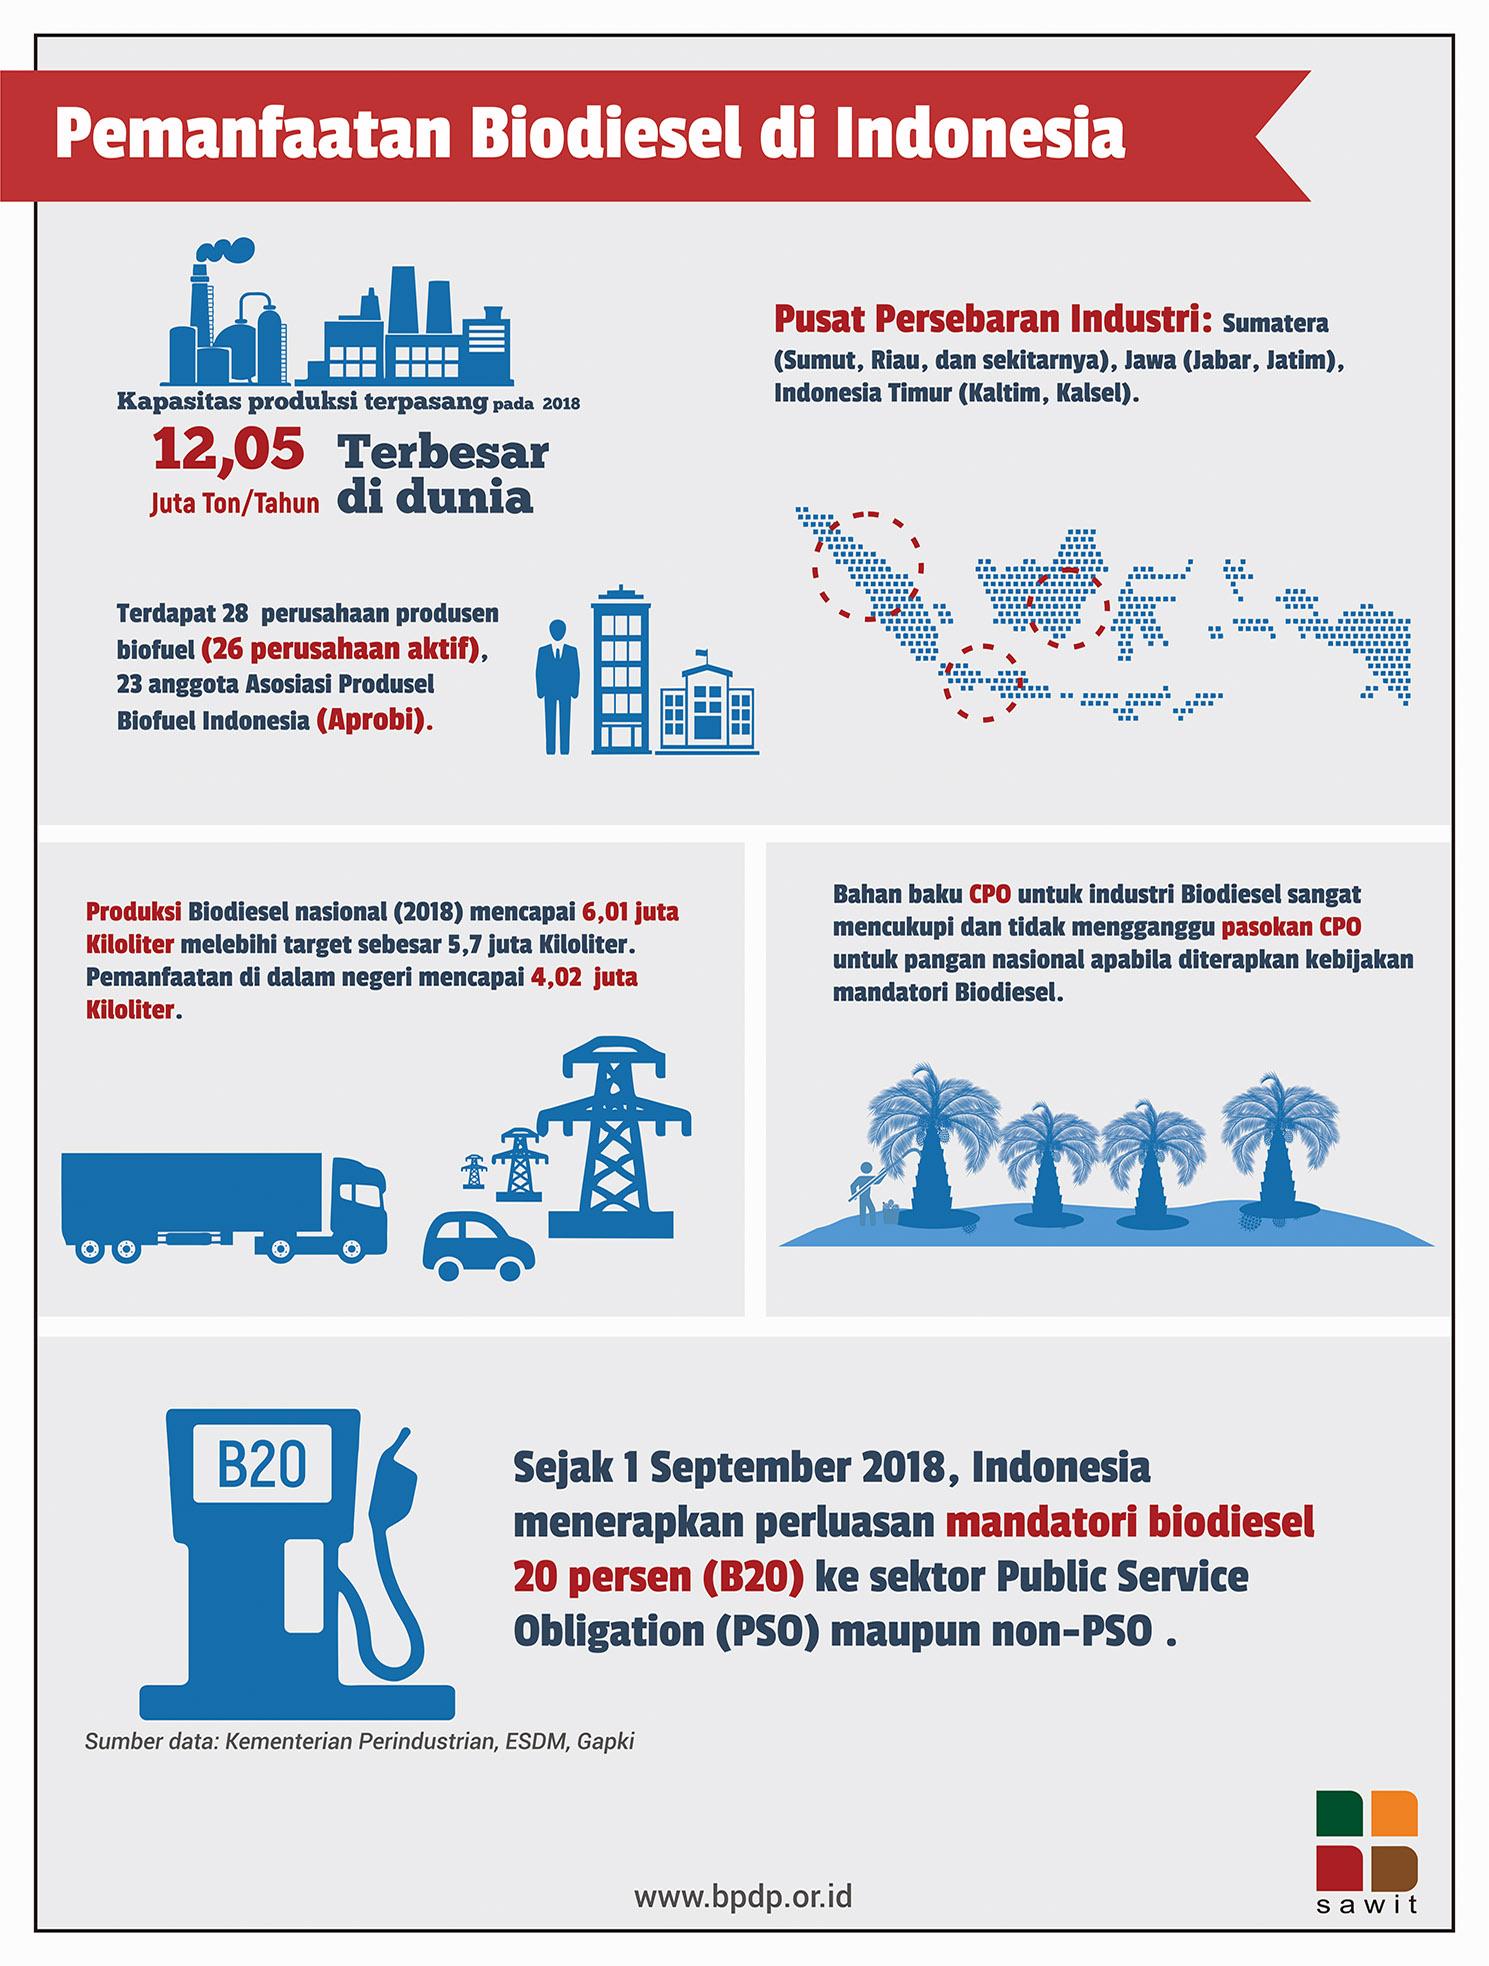 Pemanfaatan Biodiesel di Indonesia